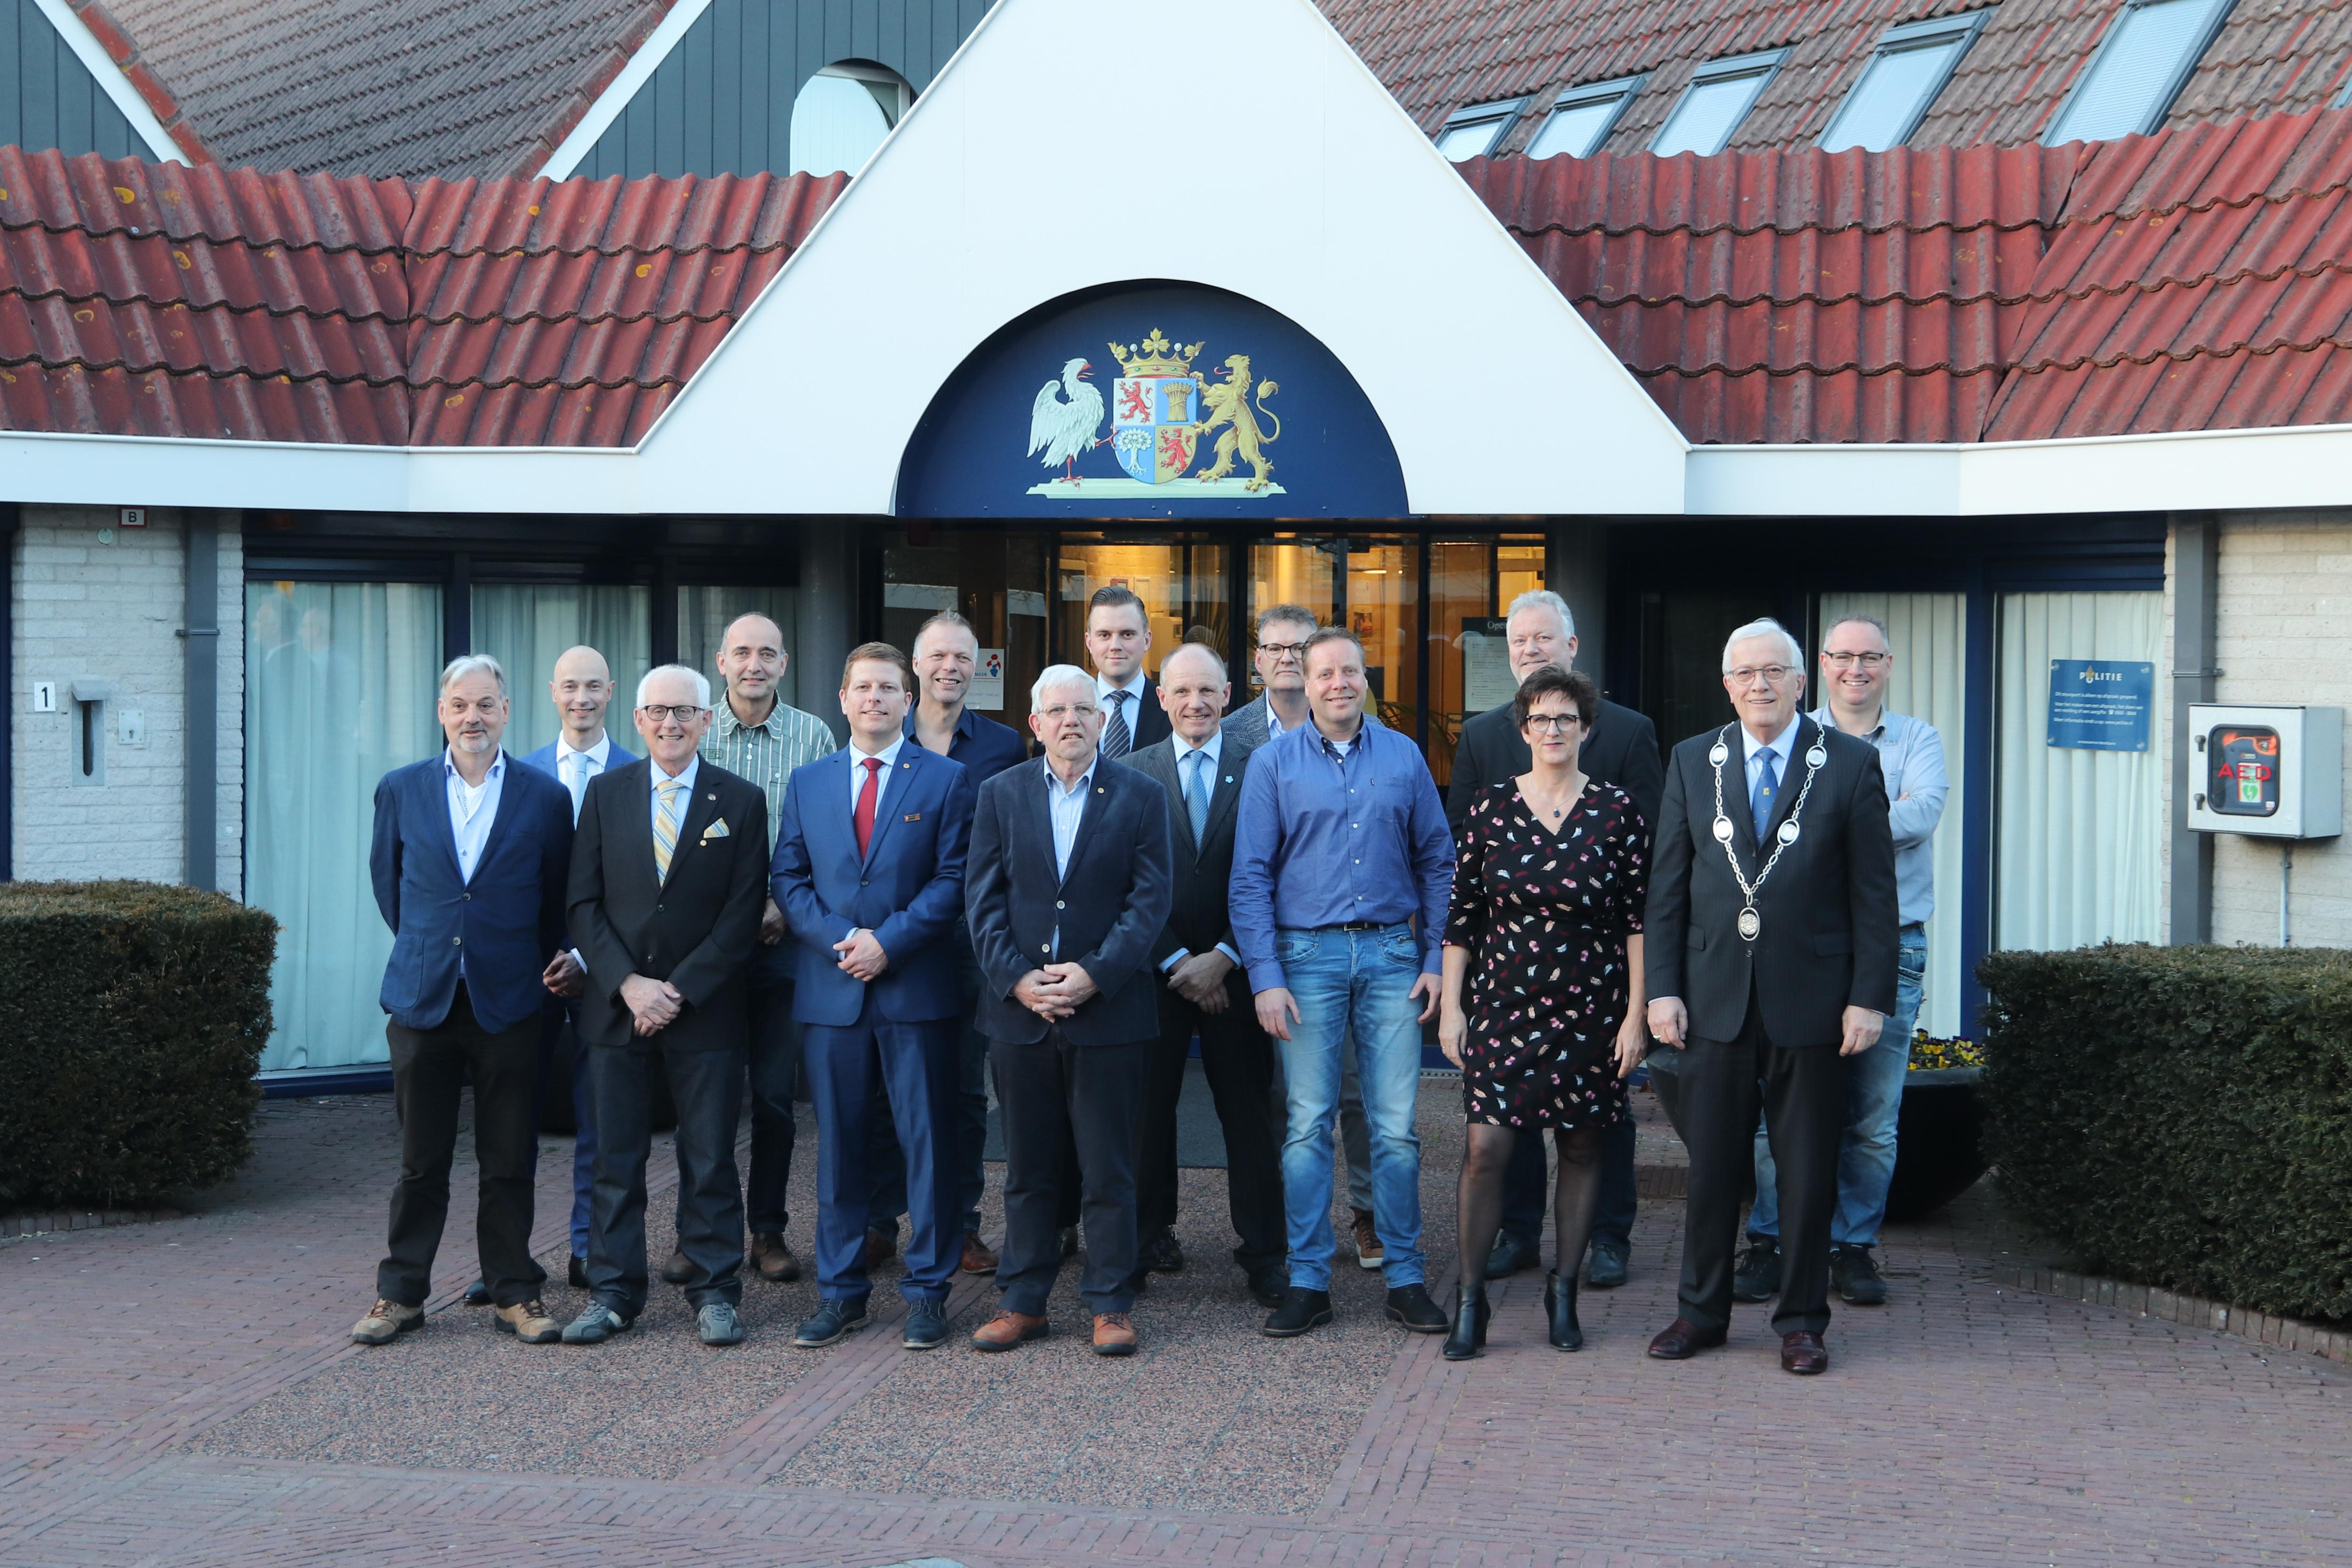 De nieuwe raadsleden en burgemeester Nijpels staan klaar voor de start. Charlotte Zeilstra-Spies (DSV) ontbreekt op de foto. (Foto: gemeente Opmeer)